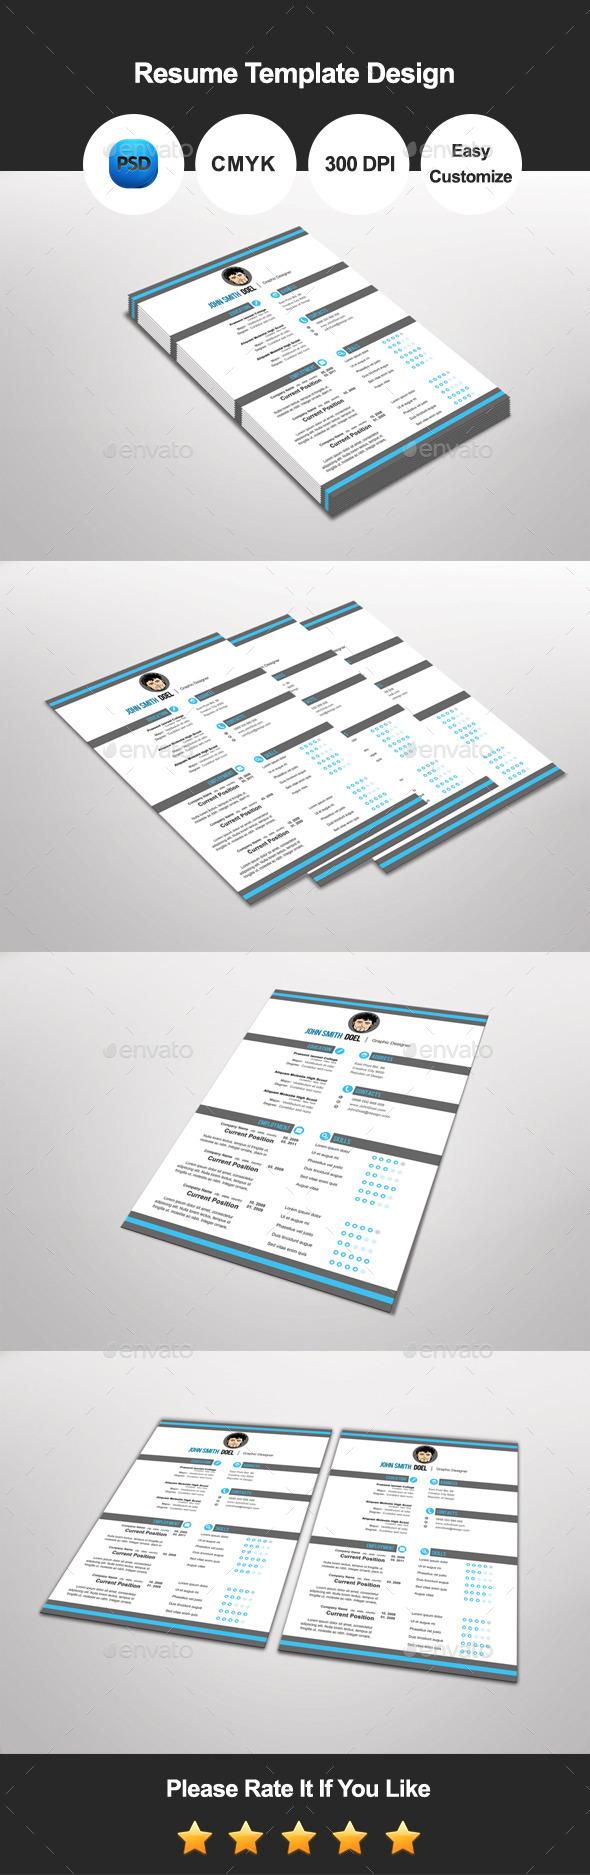 GraphicRiver Prematic Resume Template Design 11642433